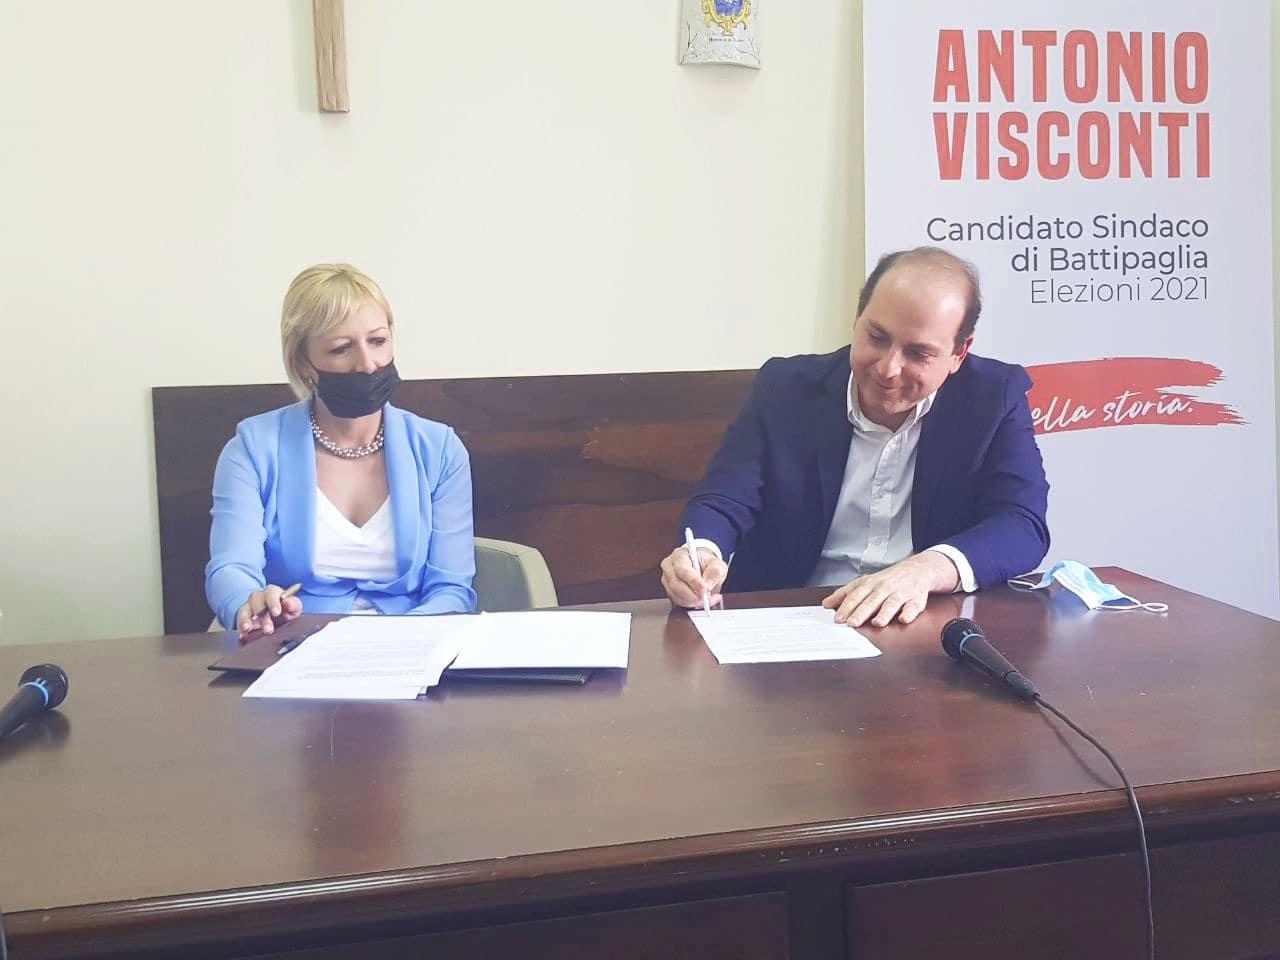 Antonio Visconti Cittade